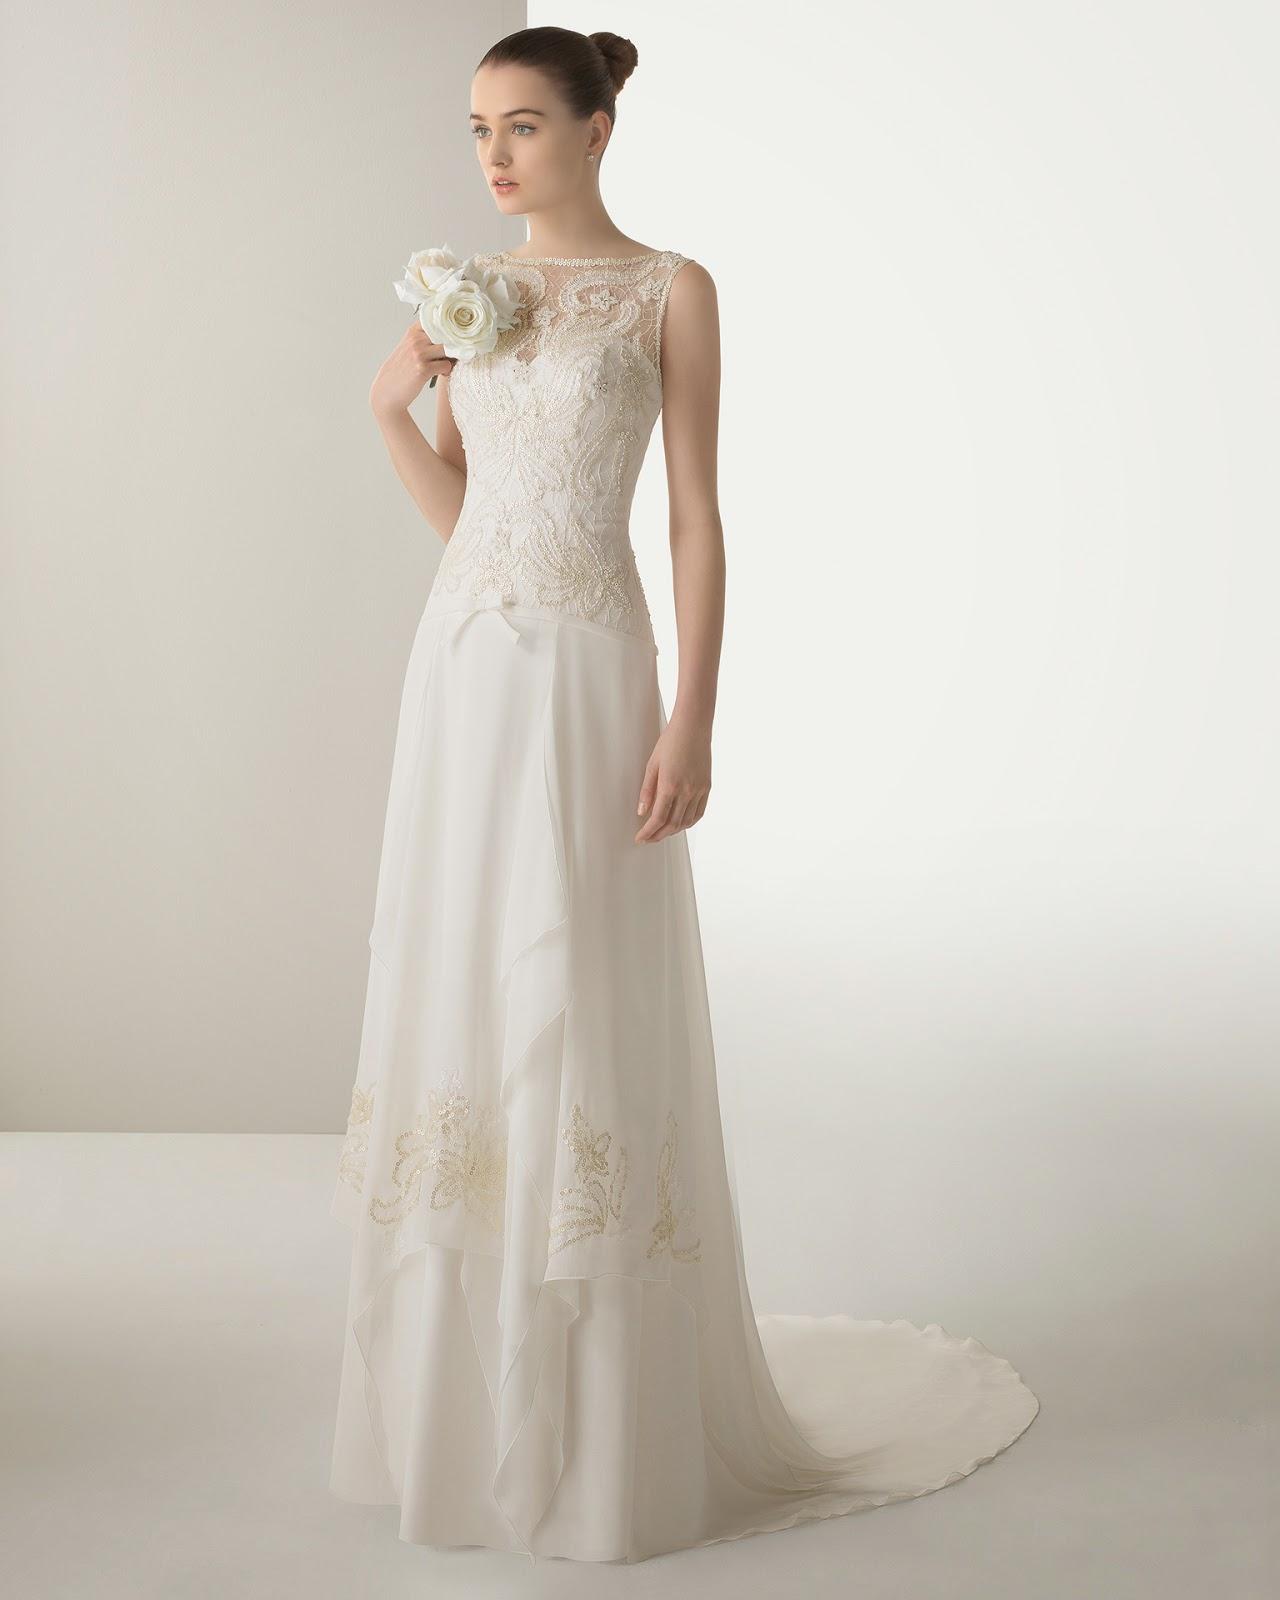 una grande varietà di modelli modellazione duratura uomo Marchi abiti da sposa boho chic – Vestiti da cerimonia